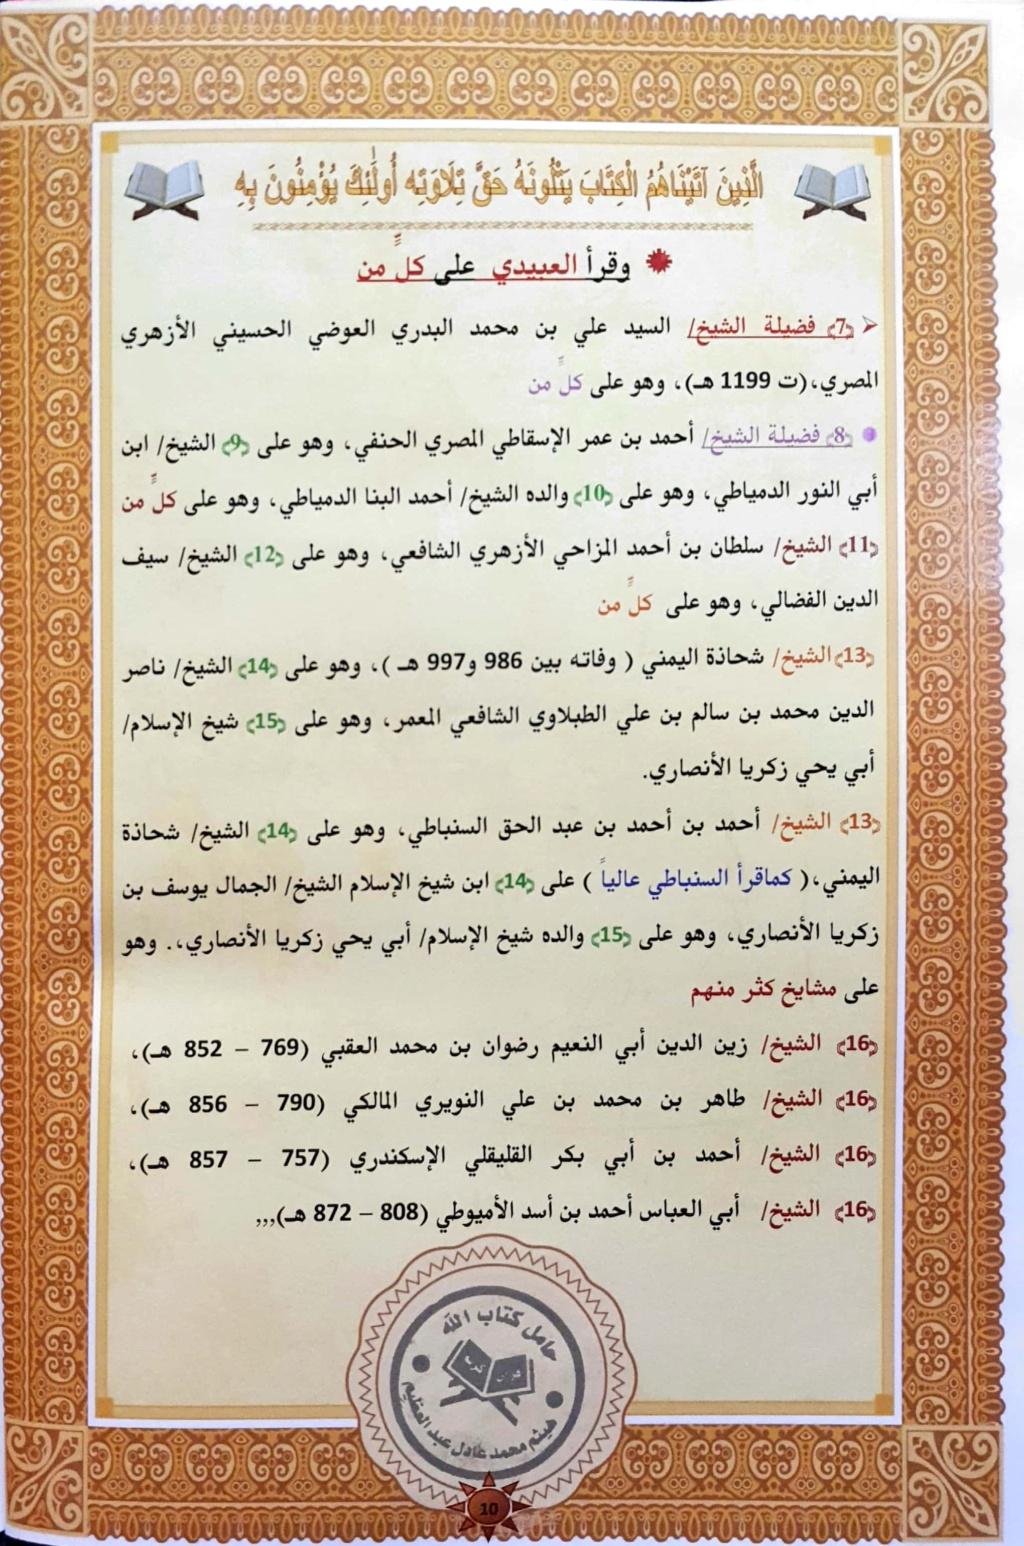 إجازة الشيخ أحمد محمد لبن بقراءة الإمام عاصم  Aeo_aa25